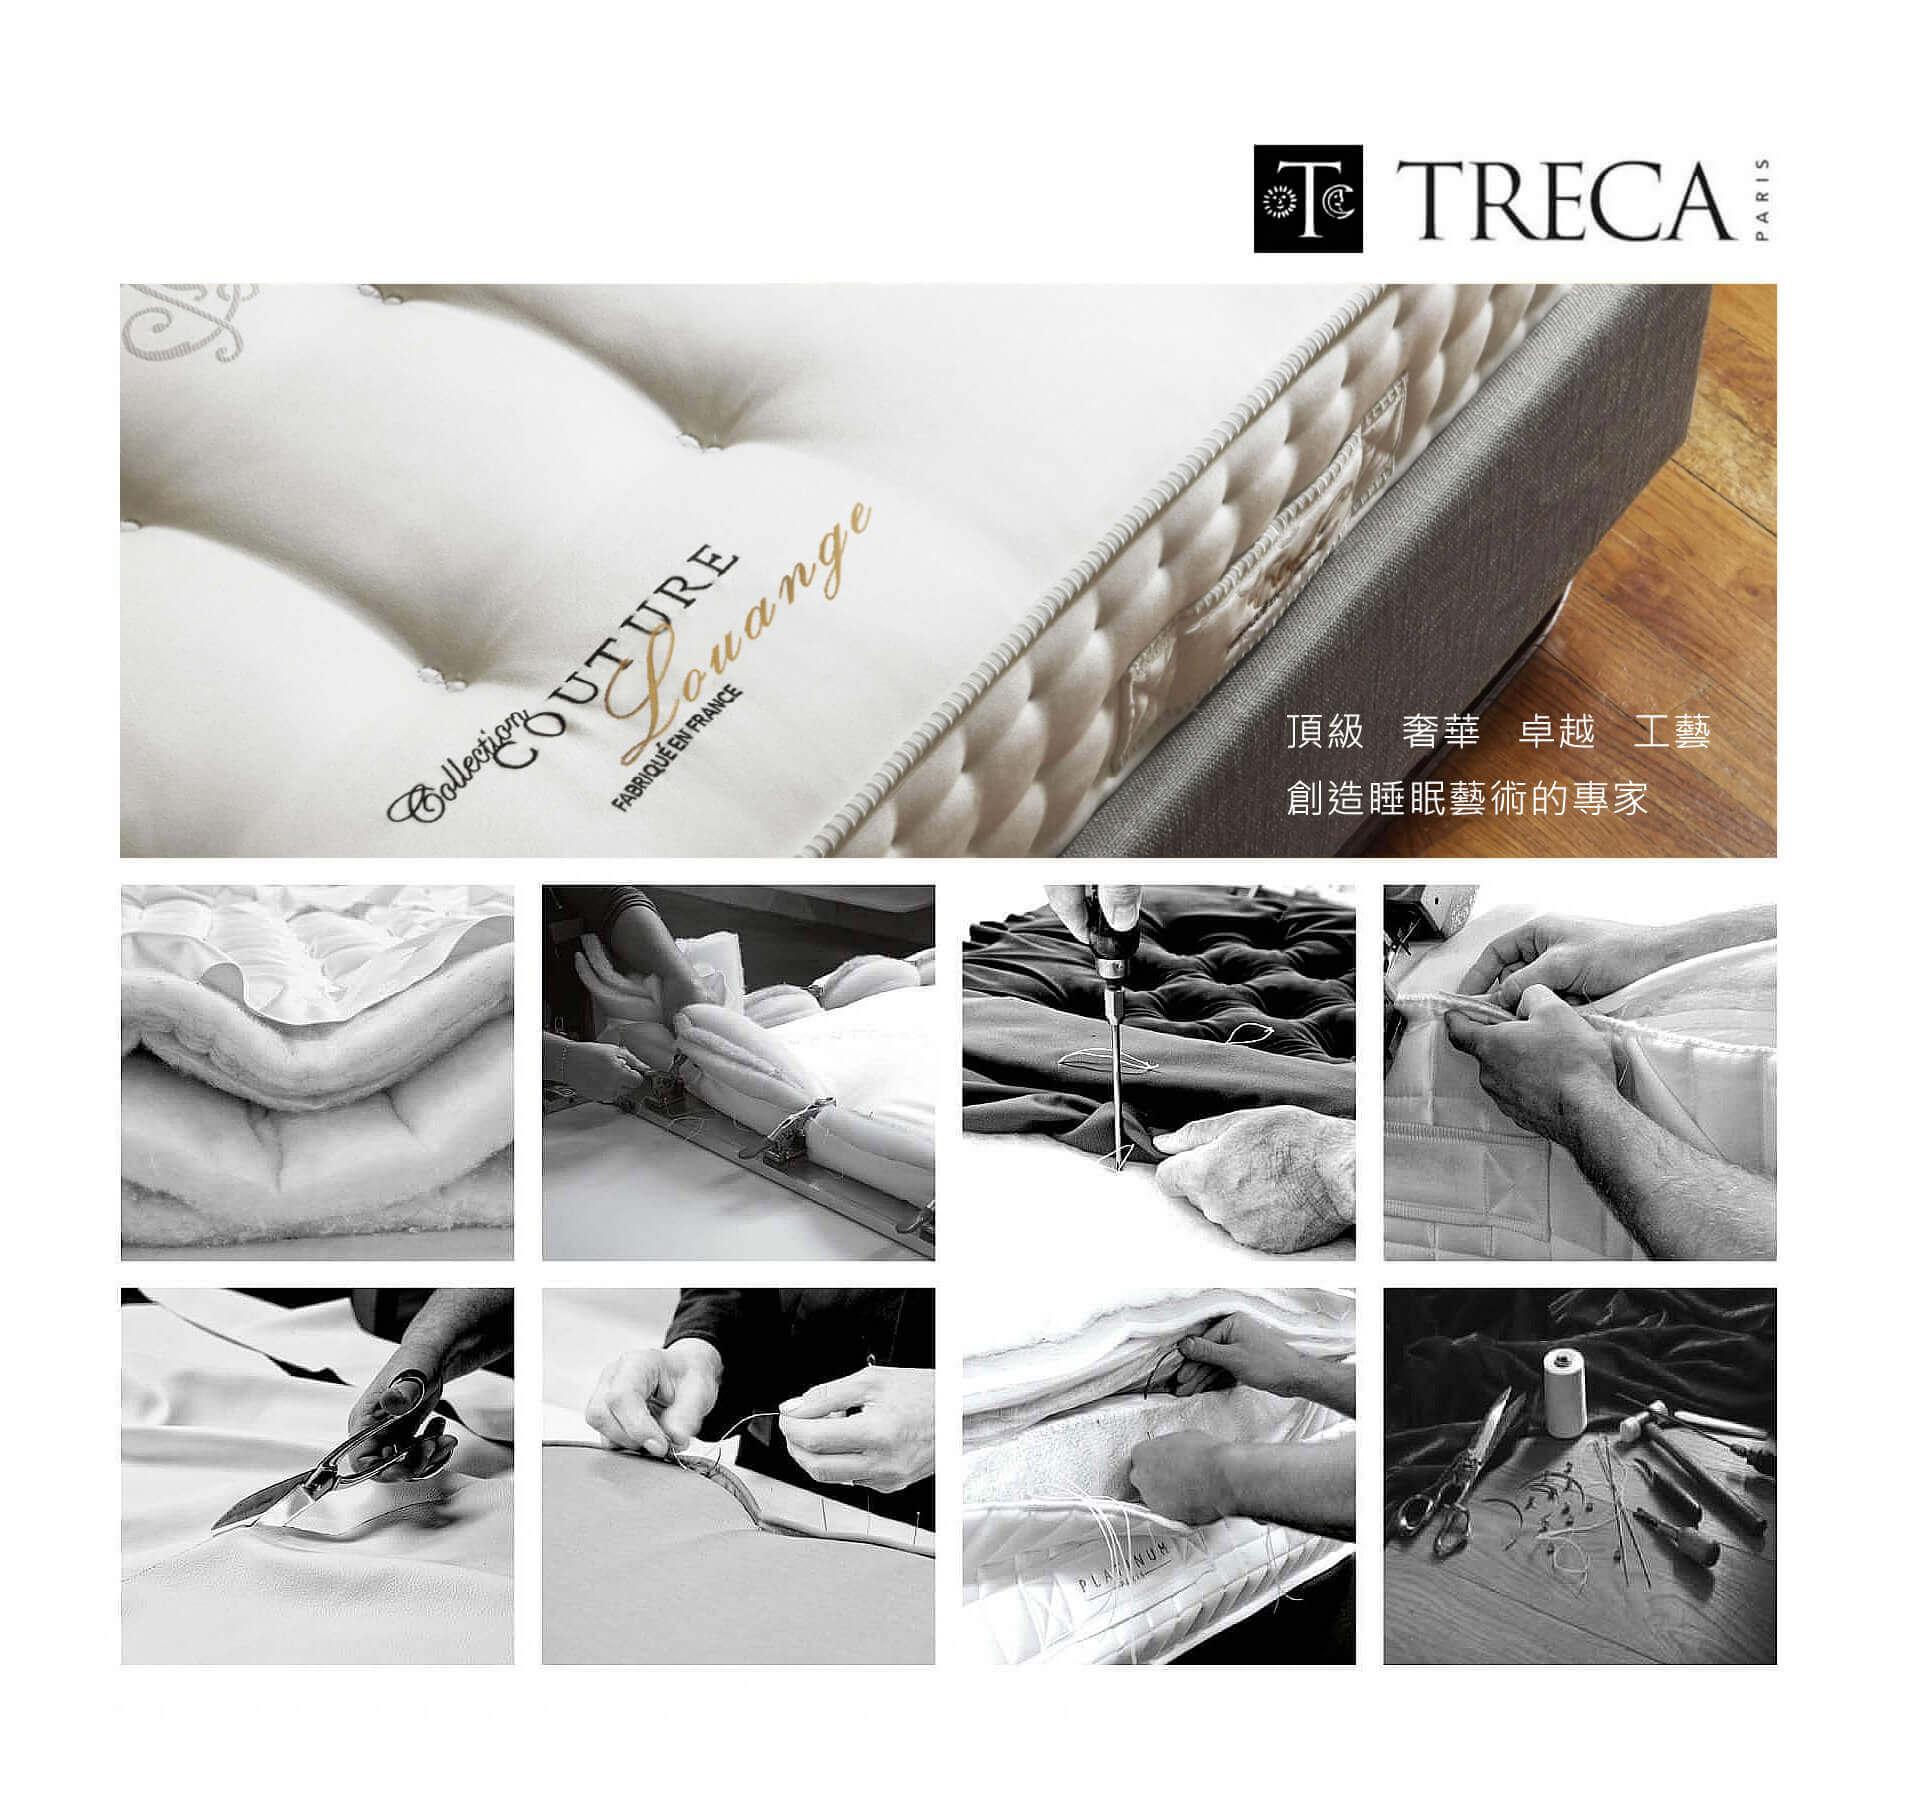 TRECA Paris 純手工縫製床墊